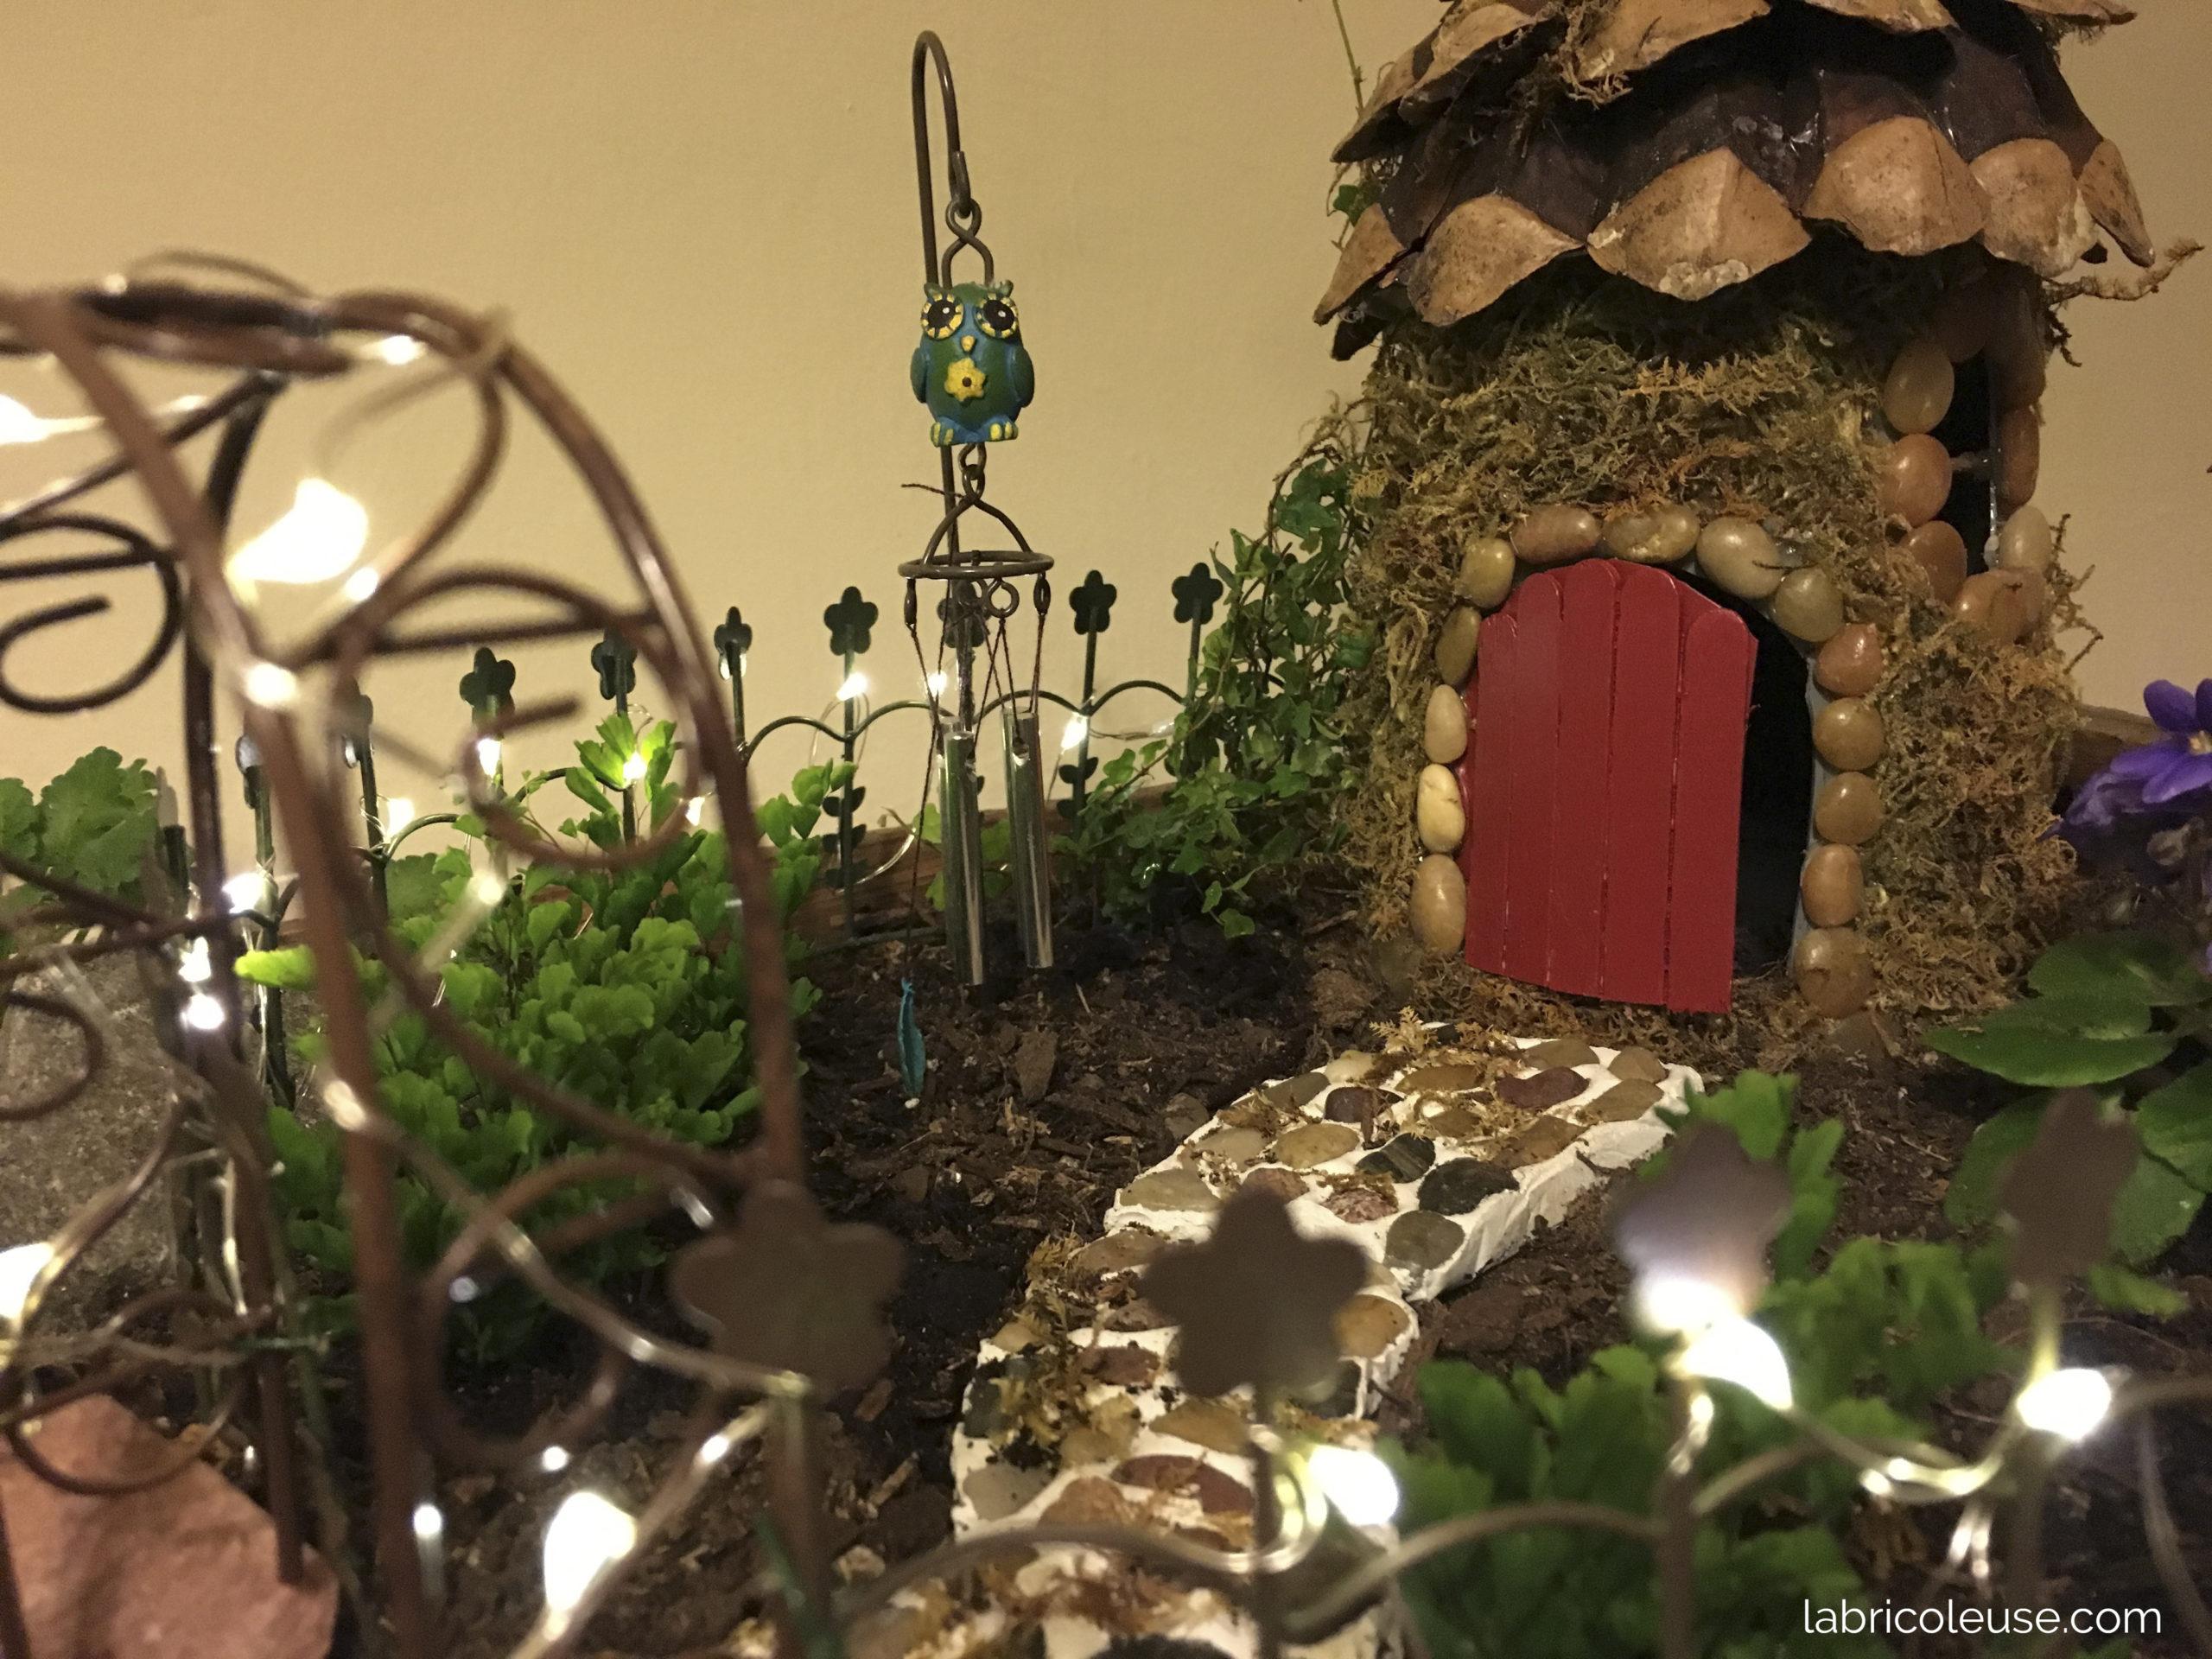 Jardin miniature, avec lumière de fée.